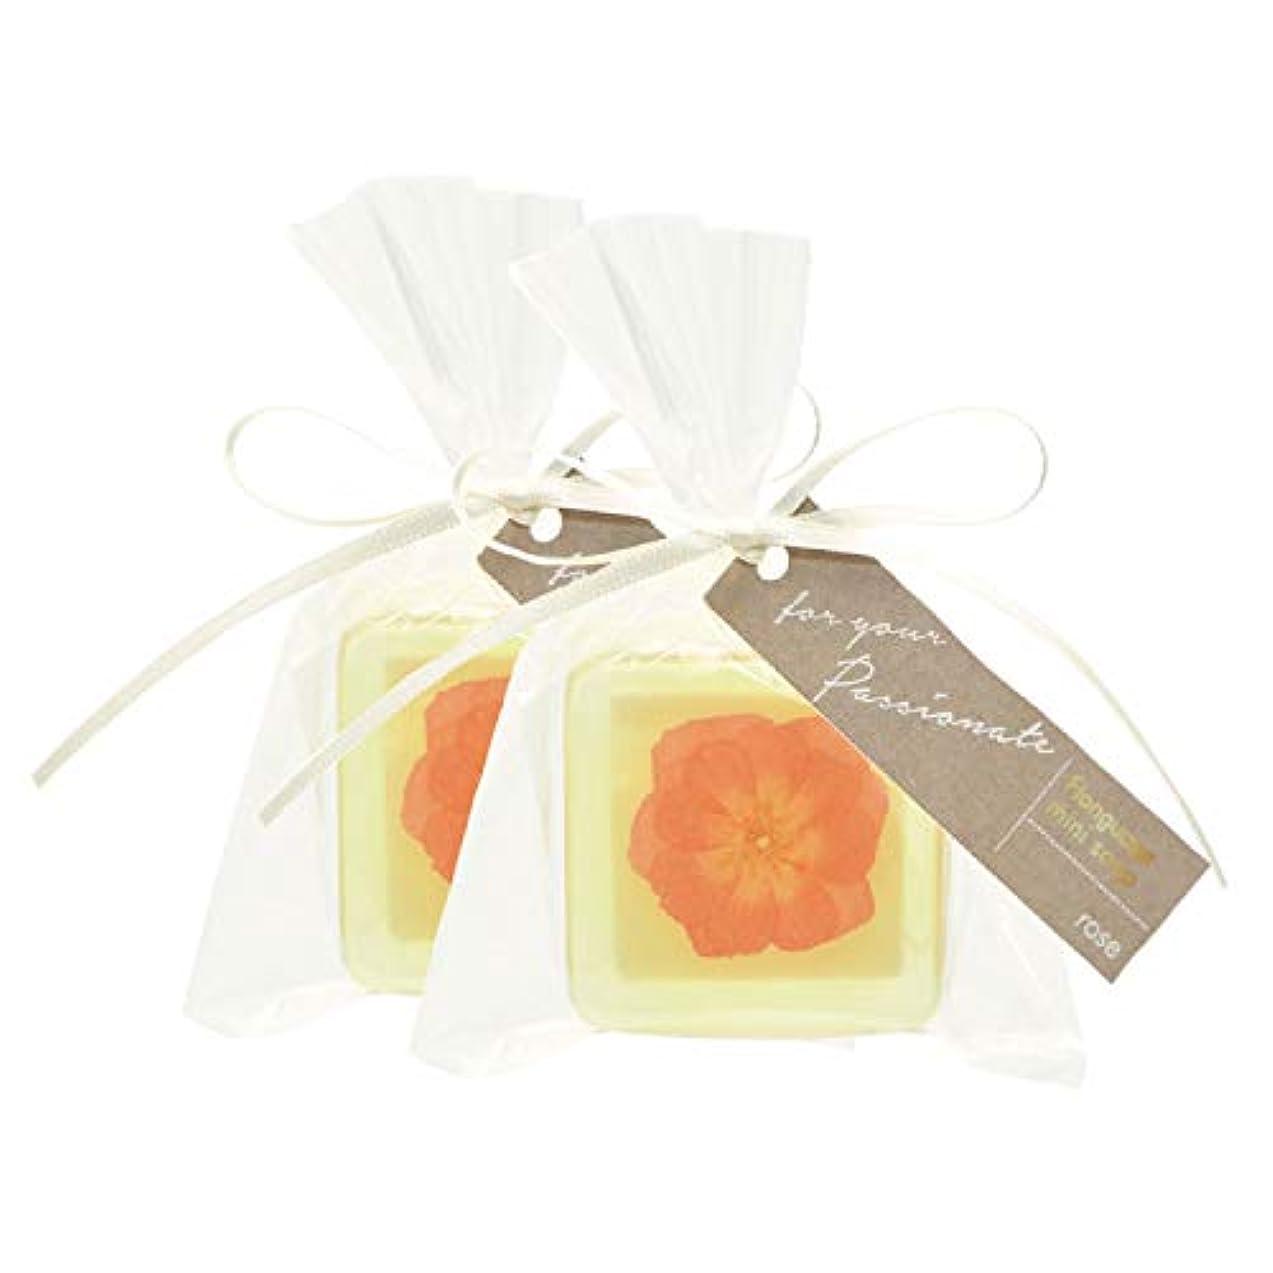 障害主観的ねばねばノルコーポレーション 石けん フランゲージ ミニソープ 2個セット 柑橘の香り OB-FMS-1-2